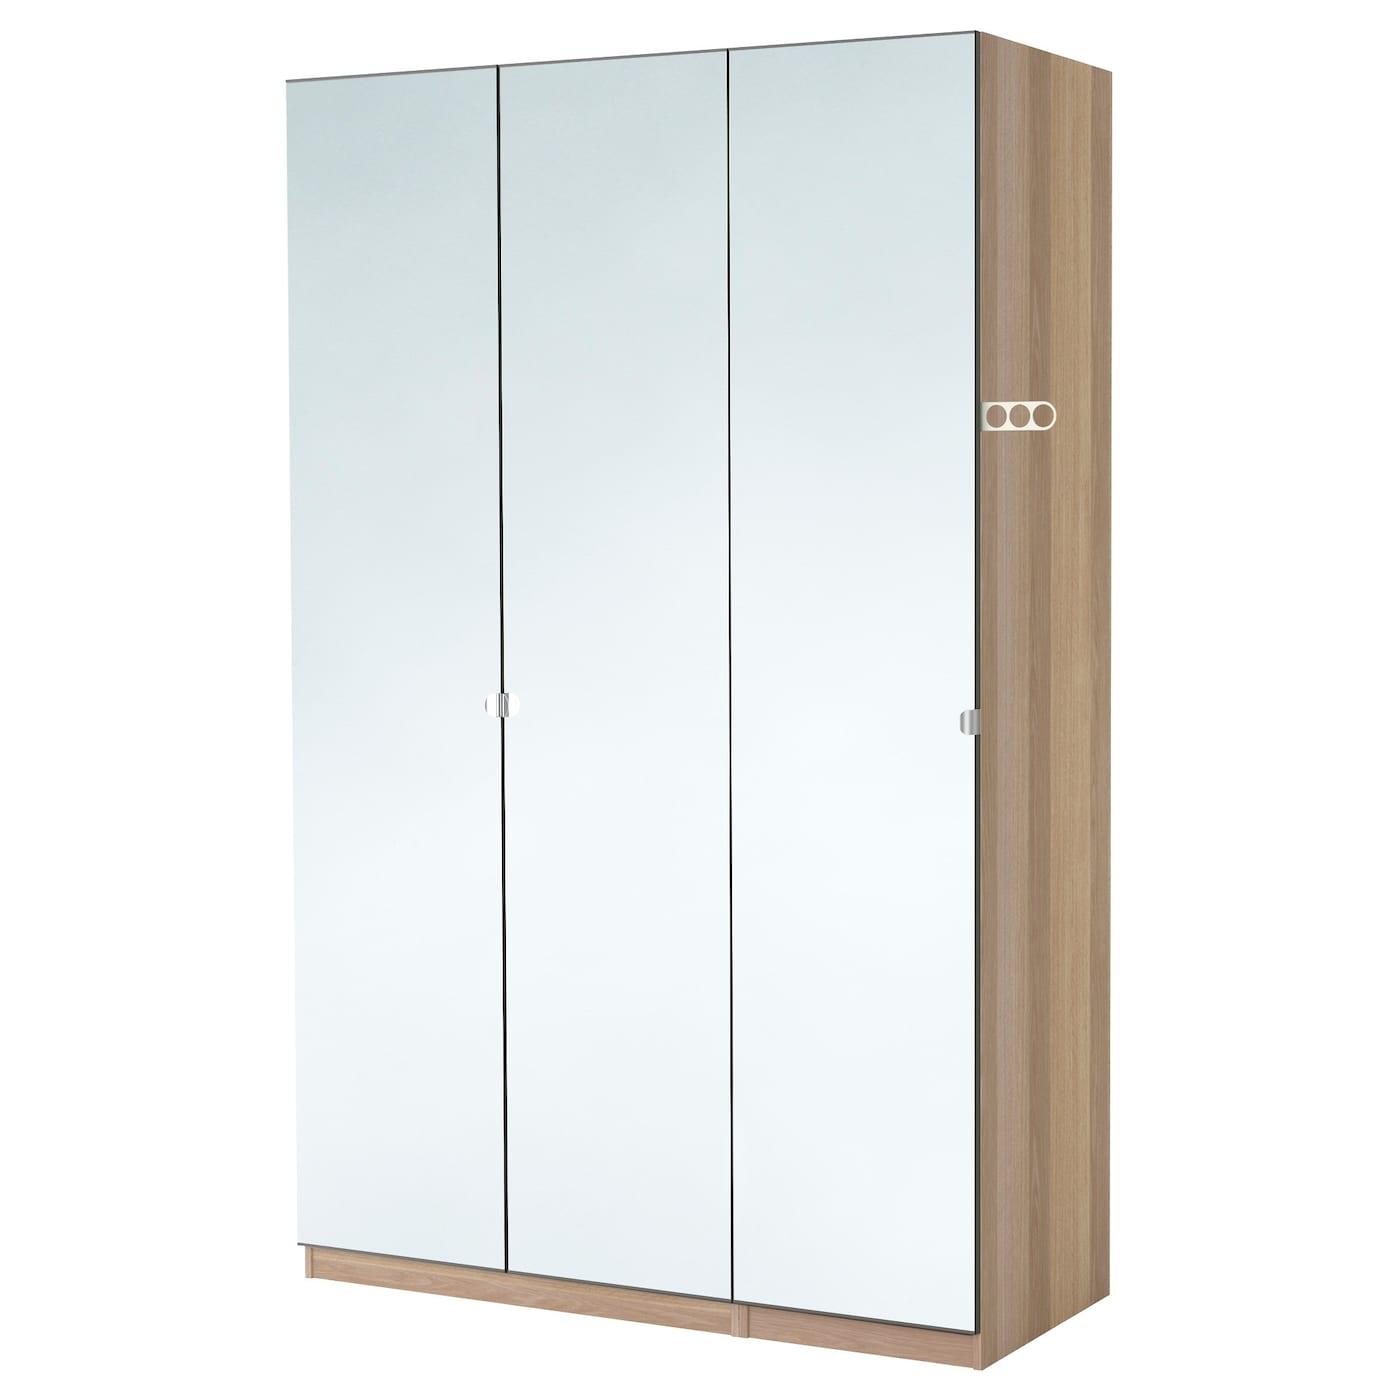 pax armoire penderie effet ch ne blanchi vikedal miroir 150 x 60 x 236 cm ikea. Black Bedroom Furniture Sets. Home Design Ideas